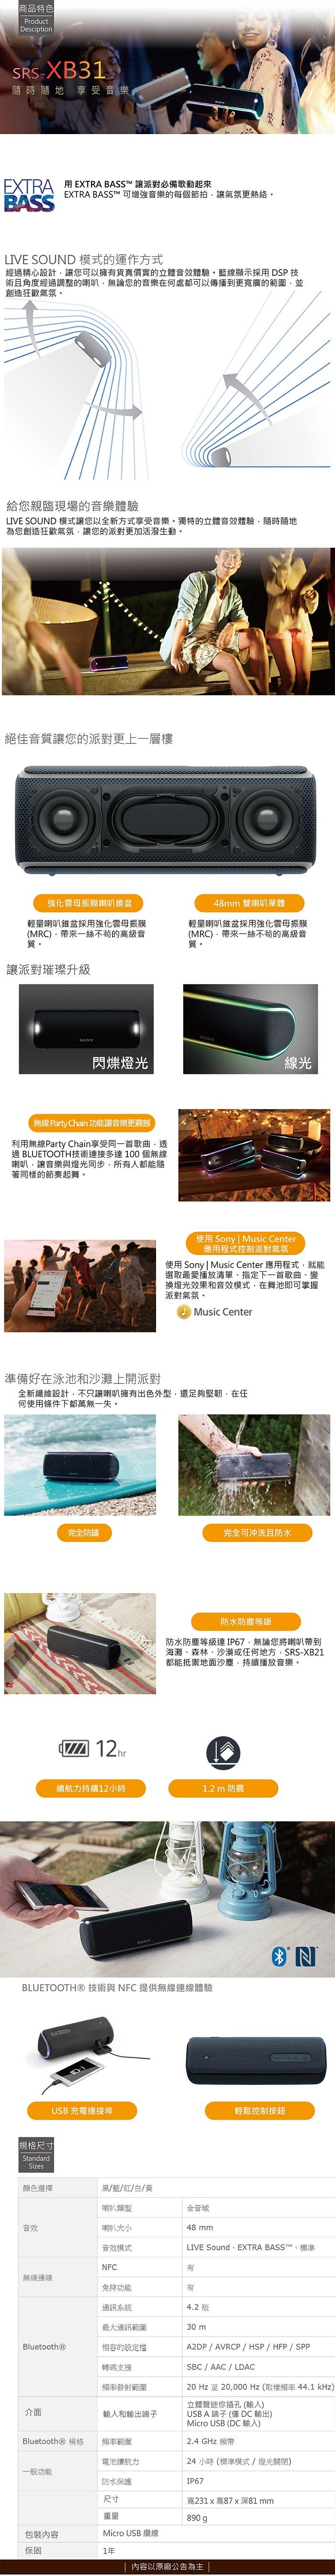 【展示出清特惠】SONY 索尼 SRS-XB31 可攜帶式藍芽喇叭 IP67防水防塵 公司貨